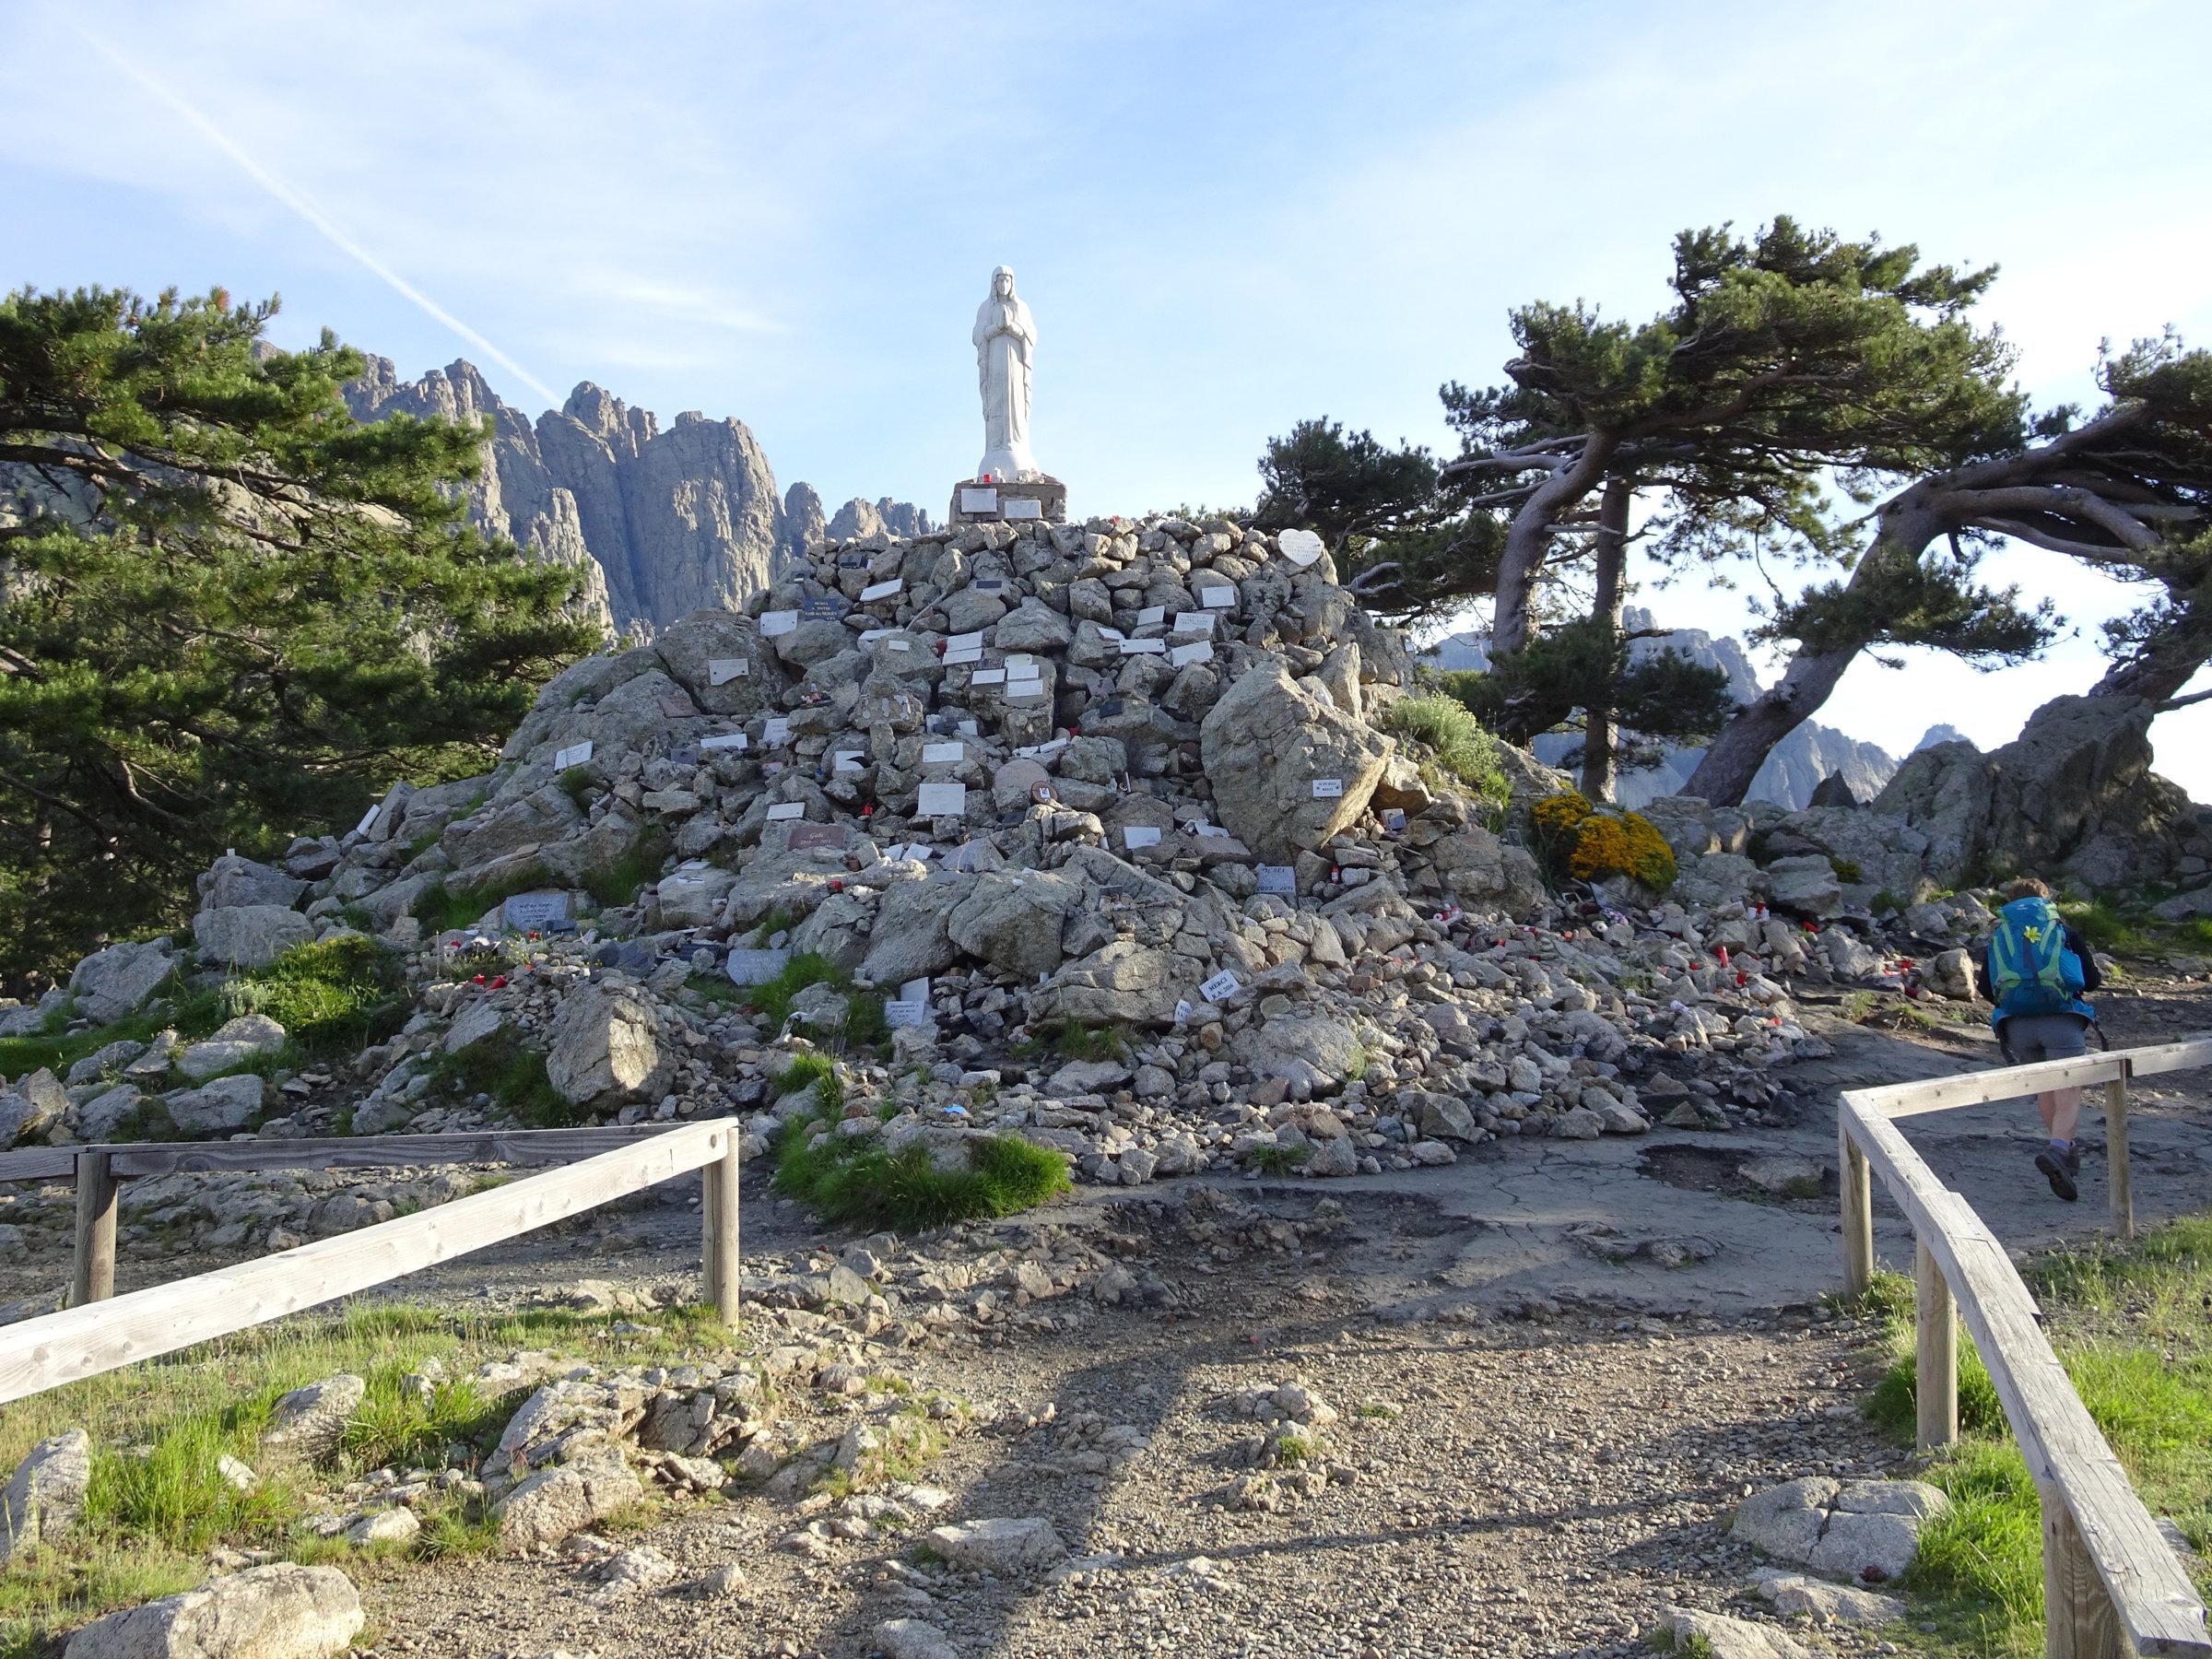 Madonna delle Neve - die Schneemadonna am Col de Bavella, Korsika, GR20 Weitwanderweg, Wandern, Berge, Frankreich